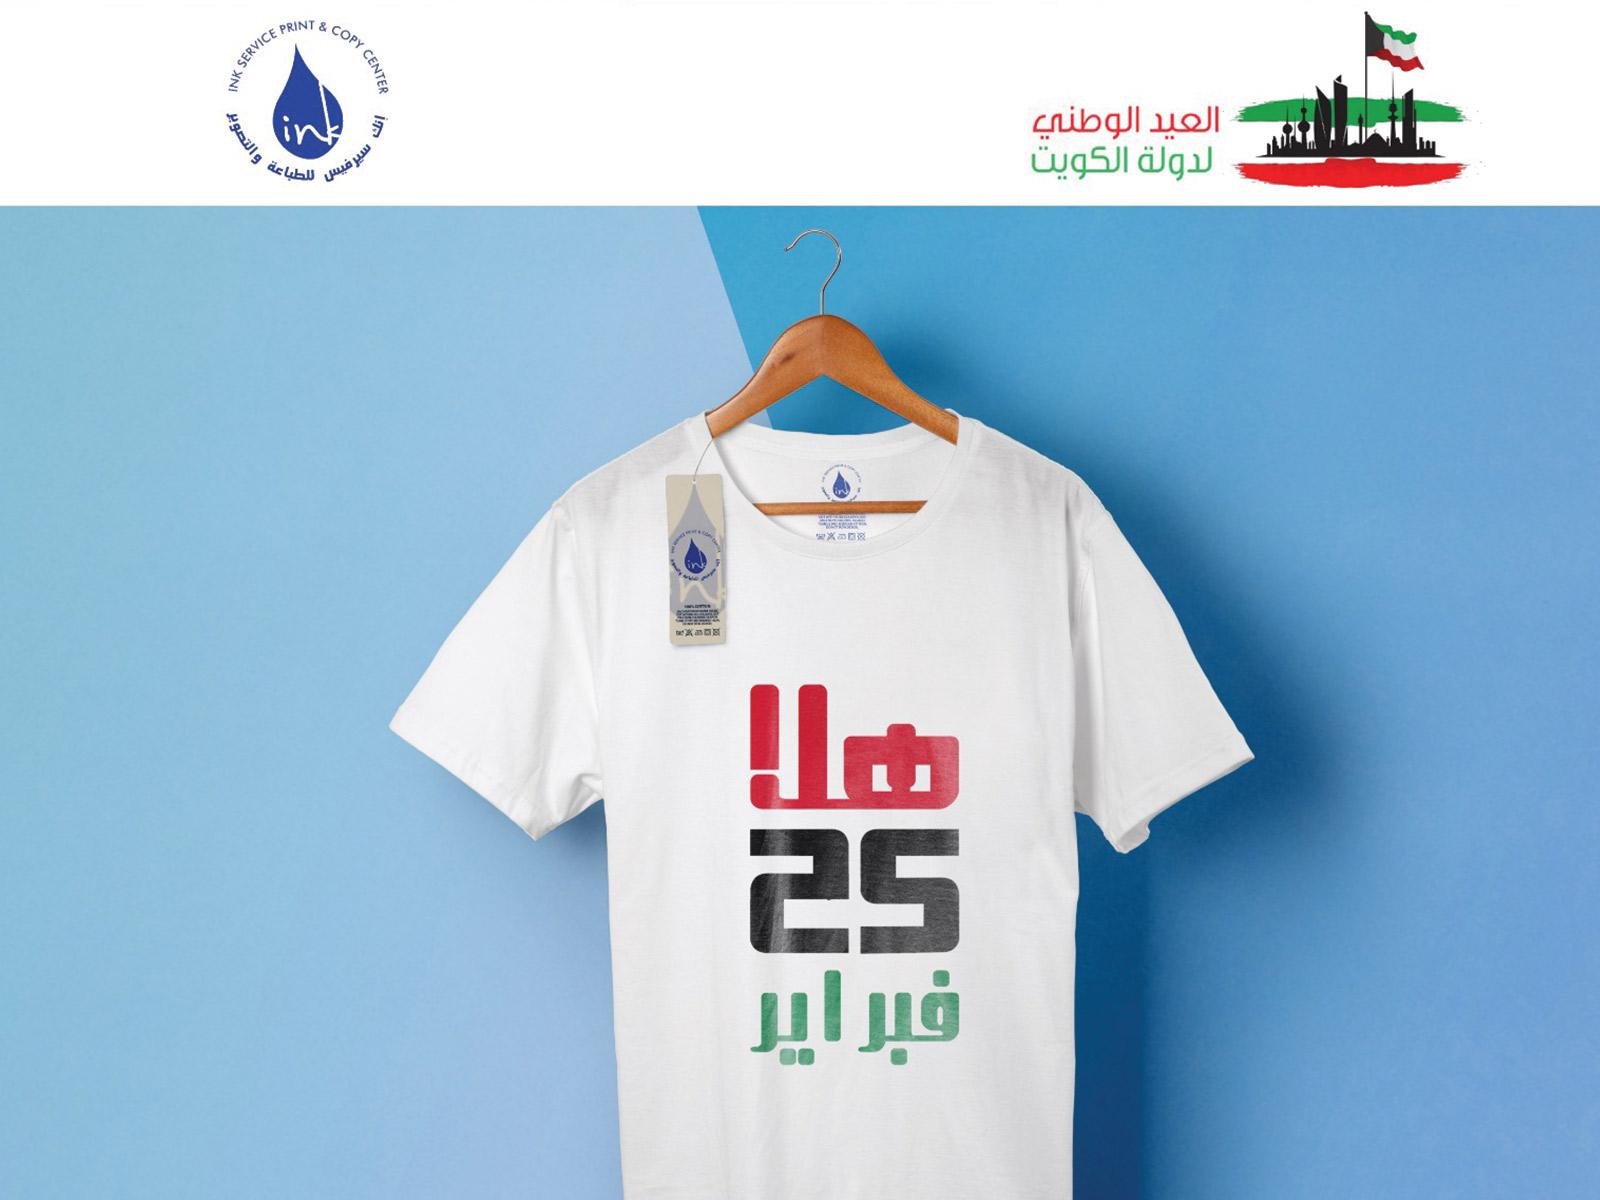 inkservice-ourwork-halaa-kuwait